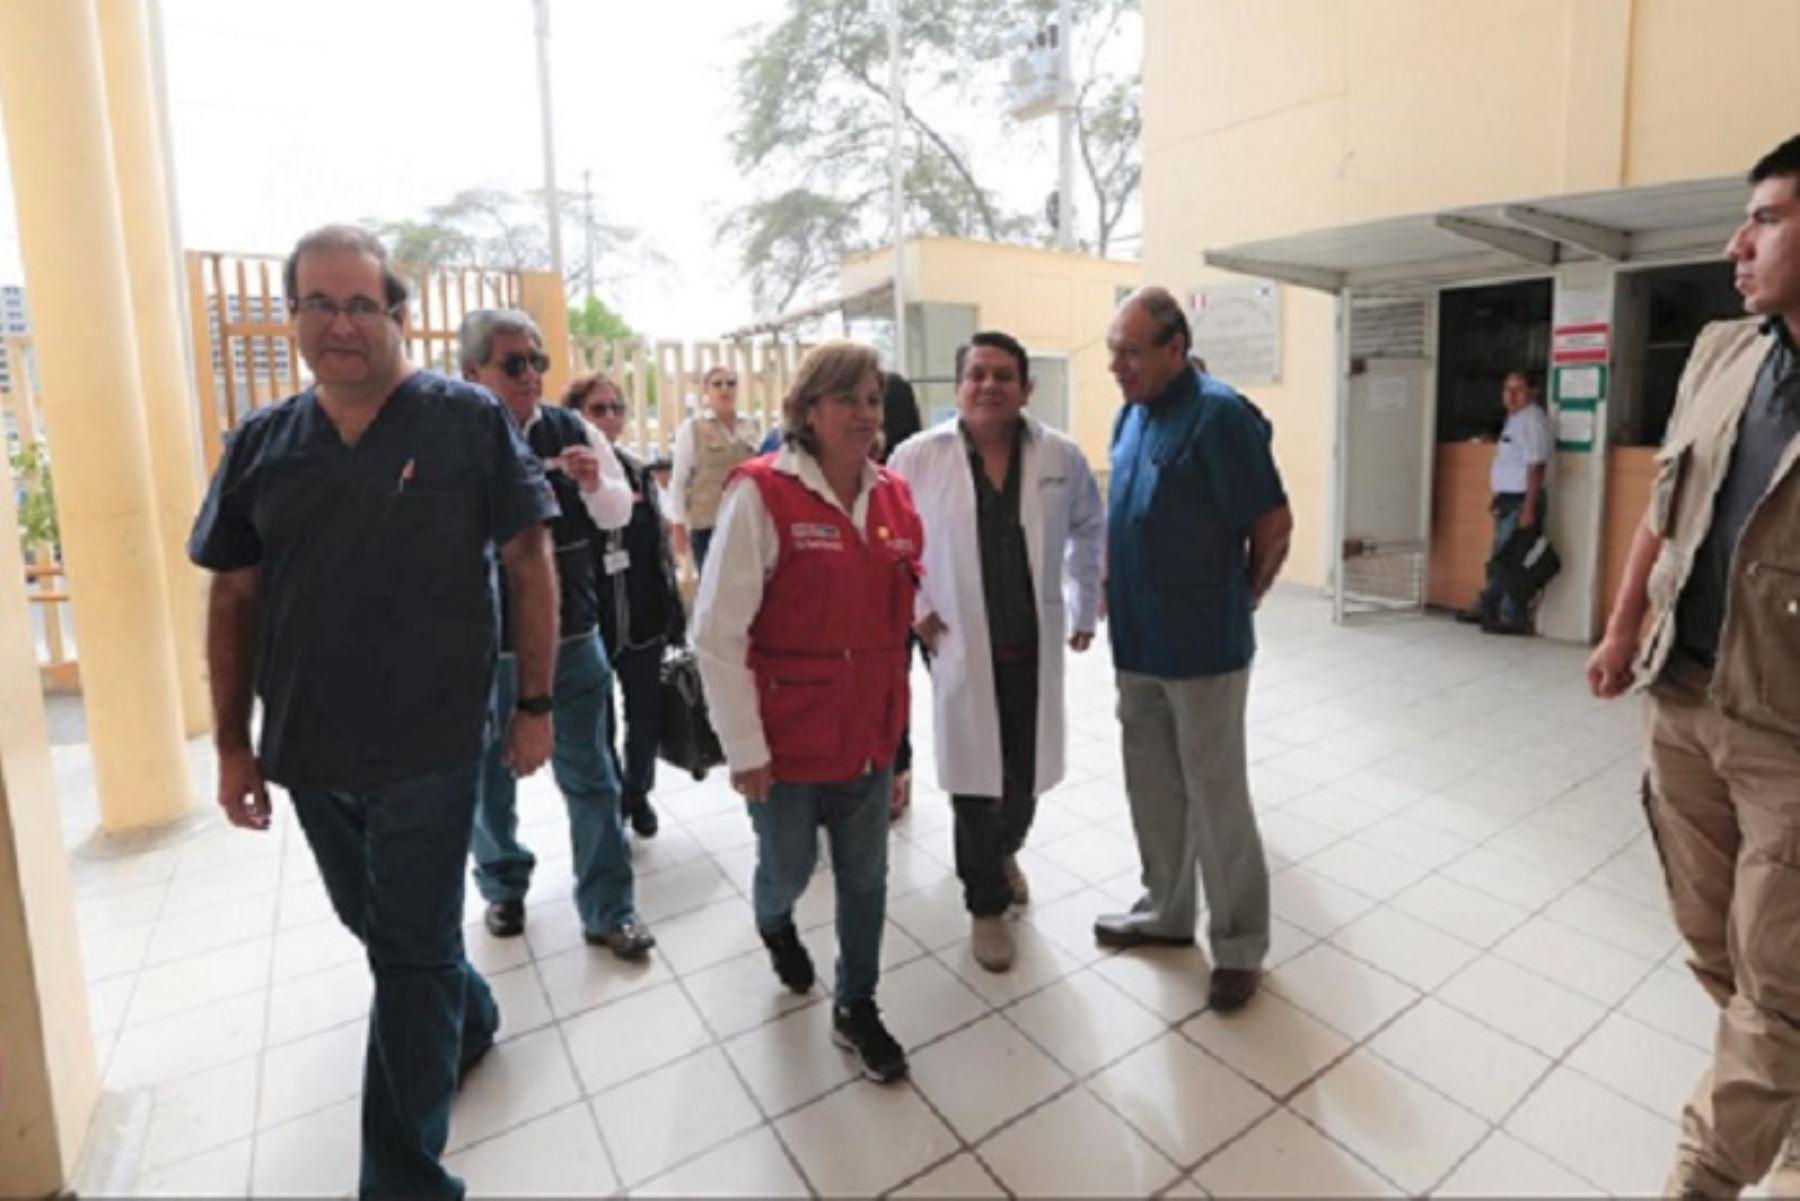 La ministra de Salud, Zulema Tomás, verificó en la región Piura la situación de los pacientes con probable Síndrome de Guillian Barré, y como parte de su itinerario visitó los hospitales Santa Rosa, el de Sullana y Cayetano Heredia de EsSalud;habiéndose reportado un total de 25 casos sospechosos de esta enfermedad.